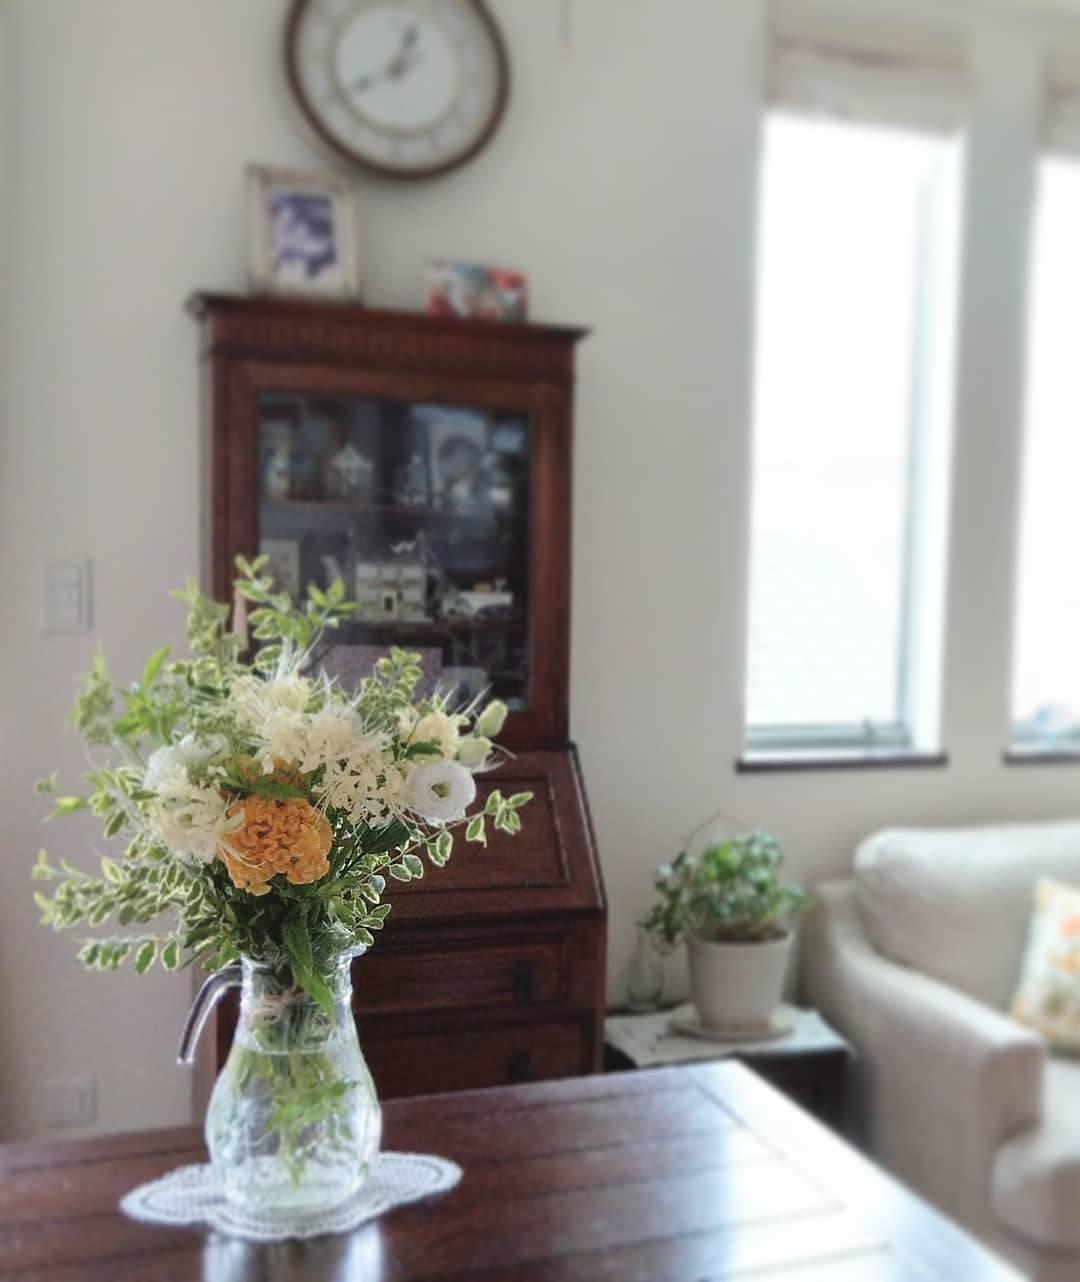 ケイトウ、リコリスといった秋の花を束ねたブーケ。イギリスのアンティーク家具との相性もぴったり♪